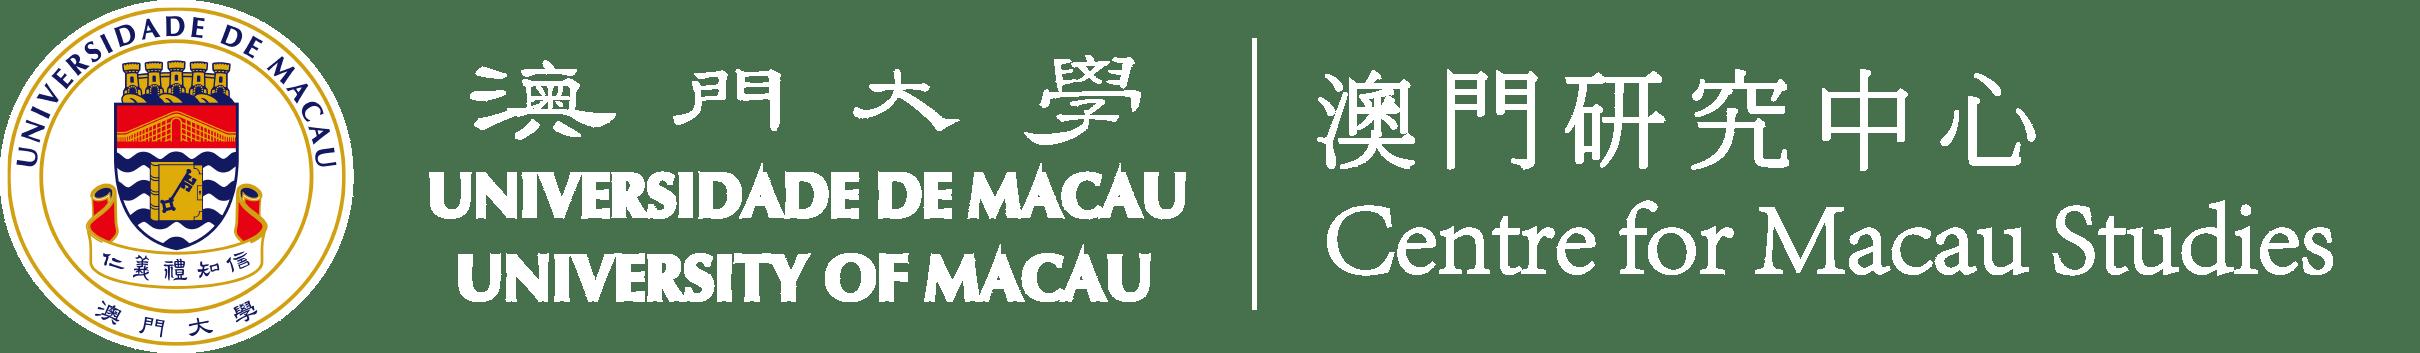 澳門研究中心 Logo